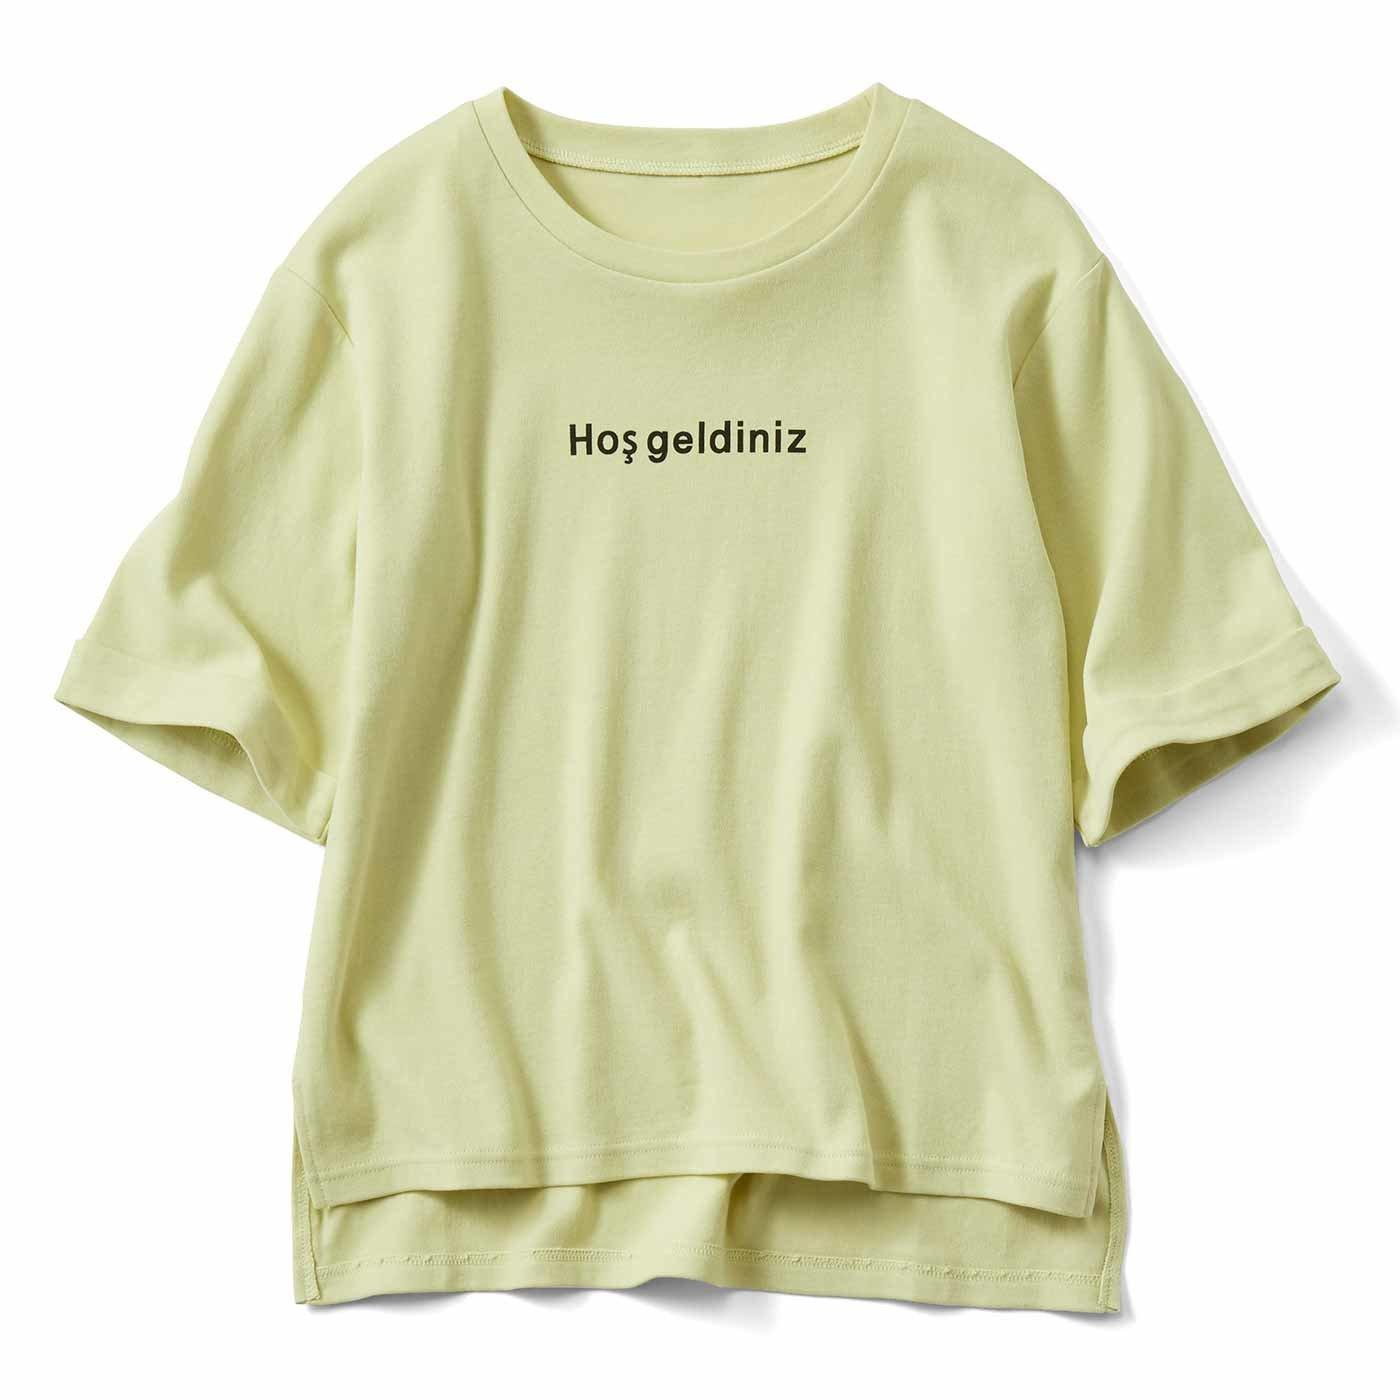 リブ イン コンフォート さらっとした手ざわりがやみつきの五分袖コットンロゴTシャツの会